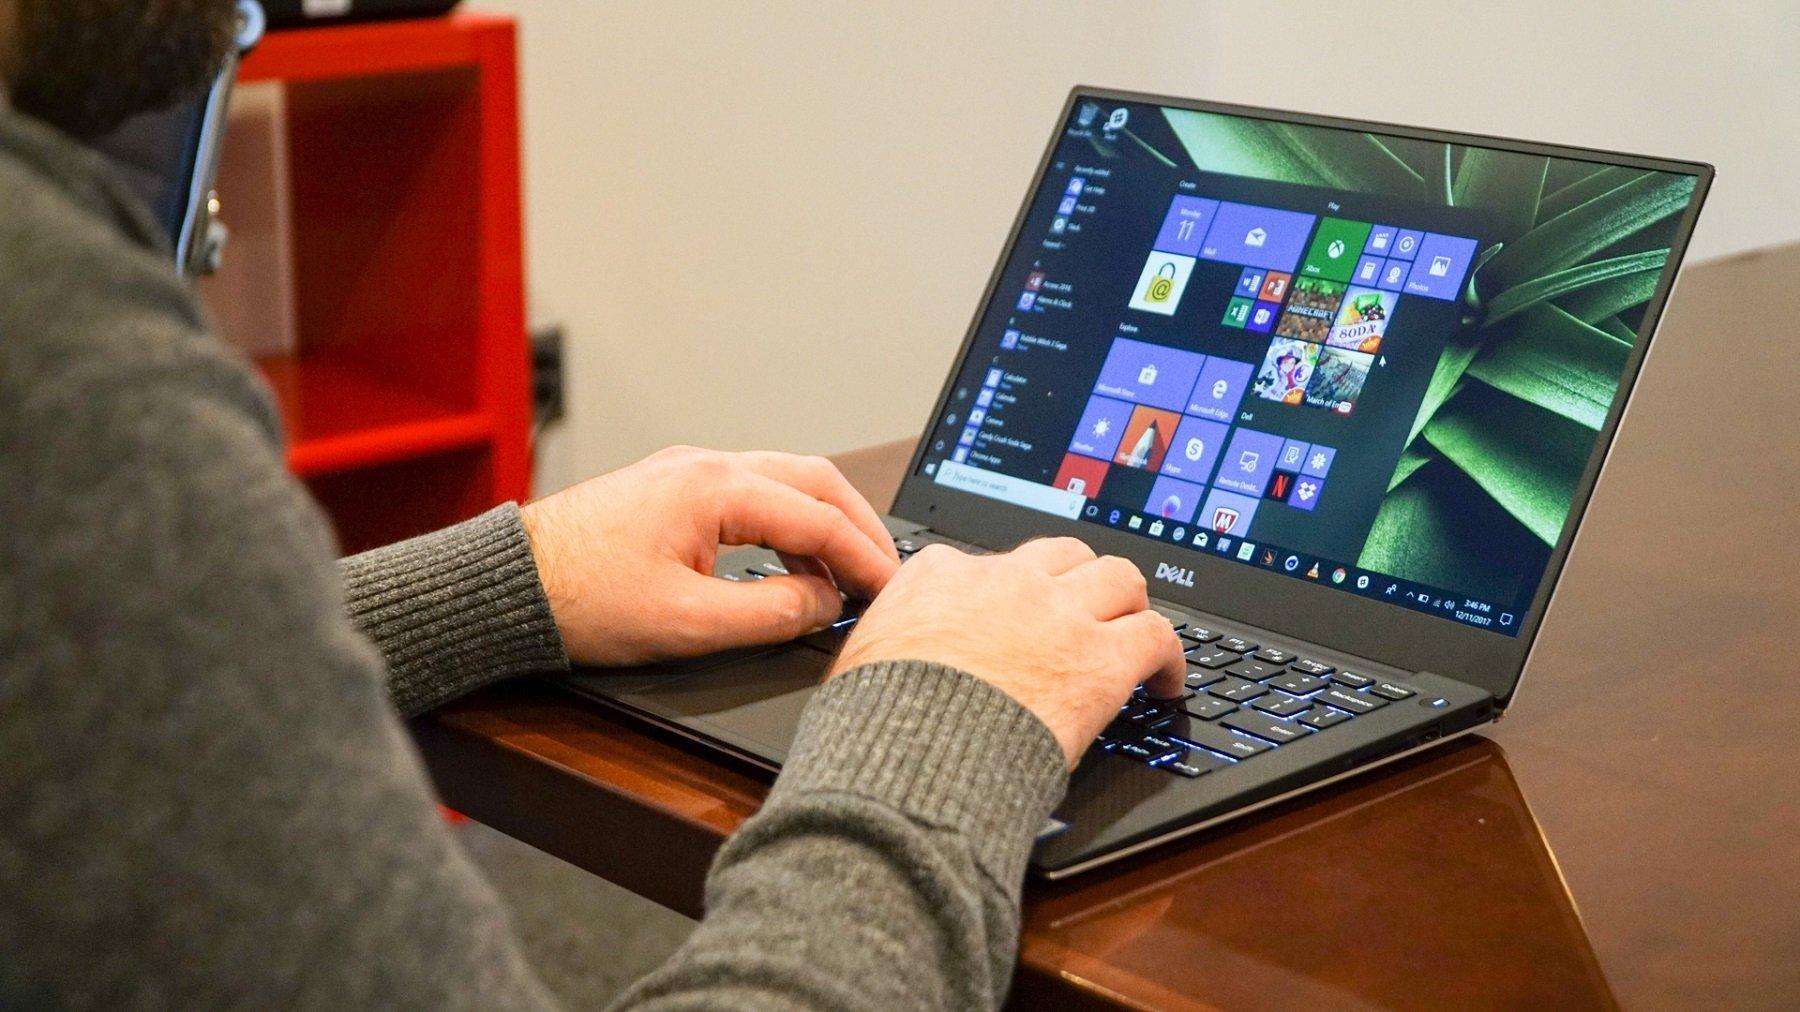 با این ابزارها برنامههای در حال اجرای ویندوز و مک را به بهترین شکل مدیریت کنید